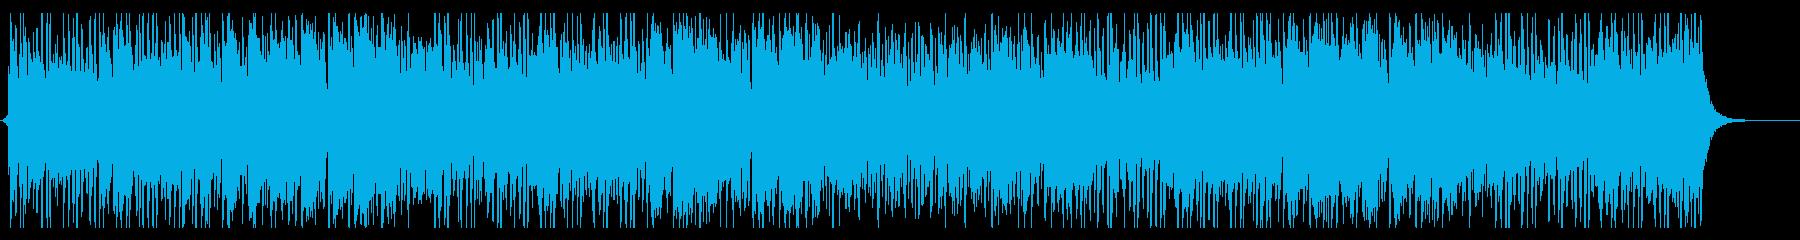 レトロテイストの中華味ある和楽器テクノの再生済みの波形